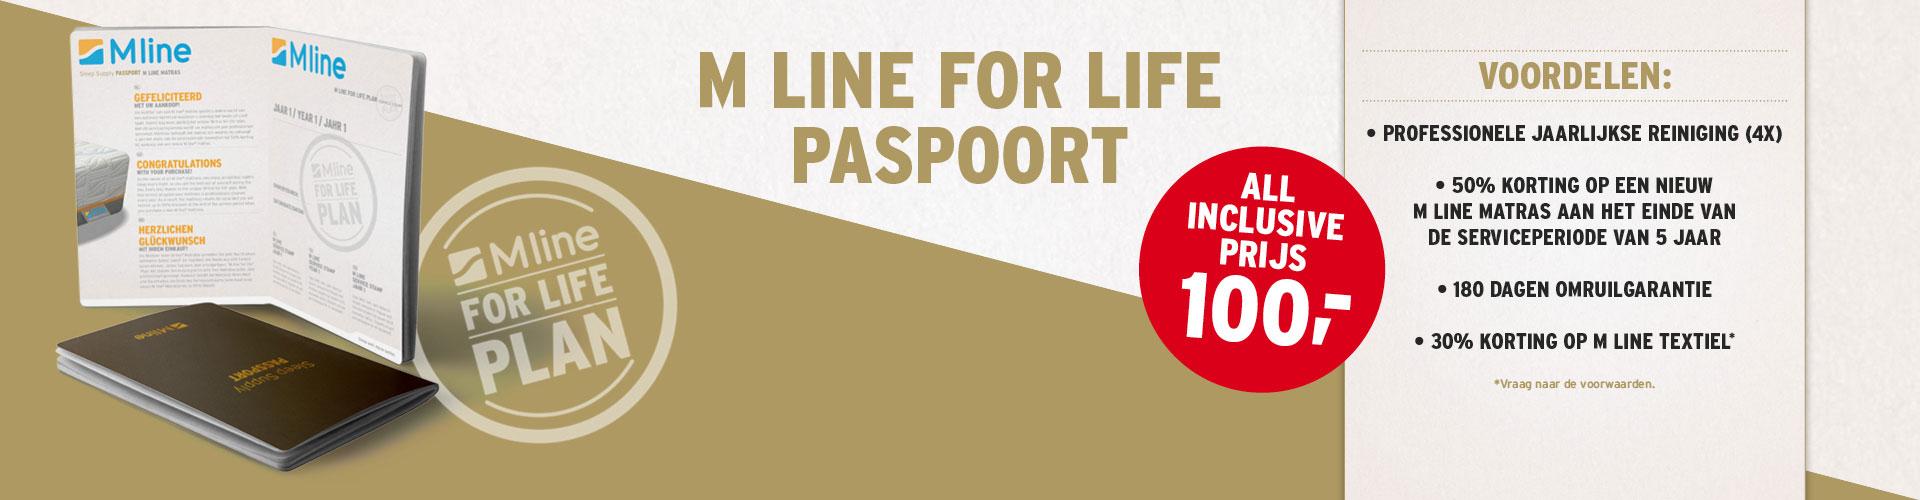 M line - Het M line paspoort. Een 'all inclusive service voor uw matras'. Uw matras wordt ieder jaar gereinigd.